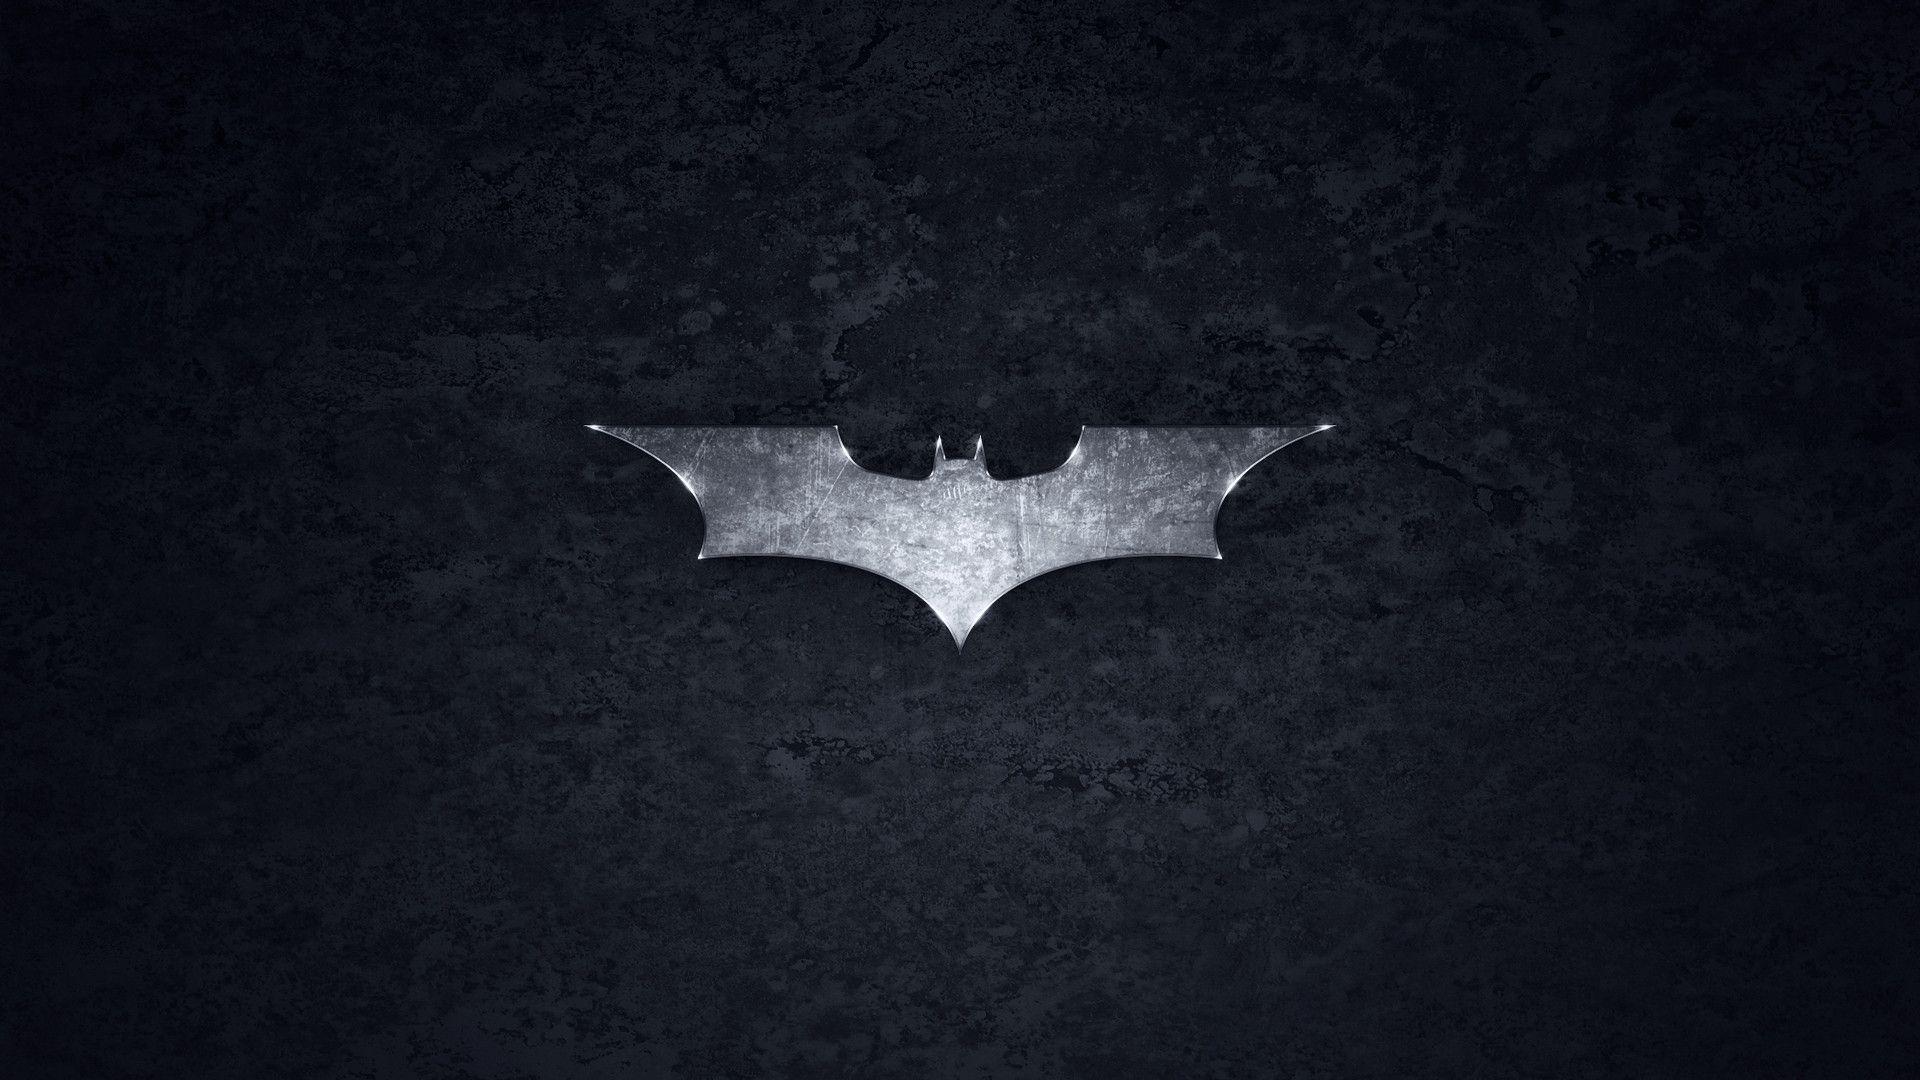 Batman Wallpapers x Wallpaper